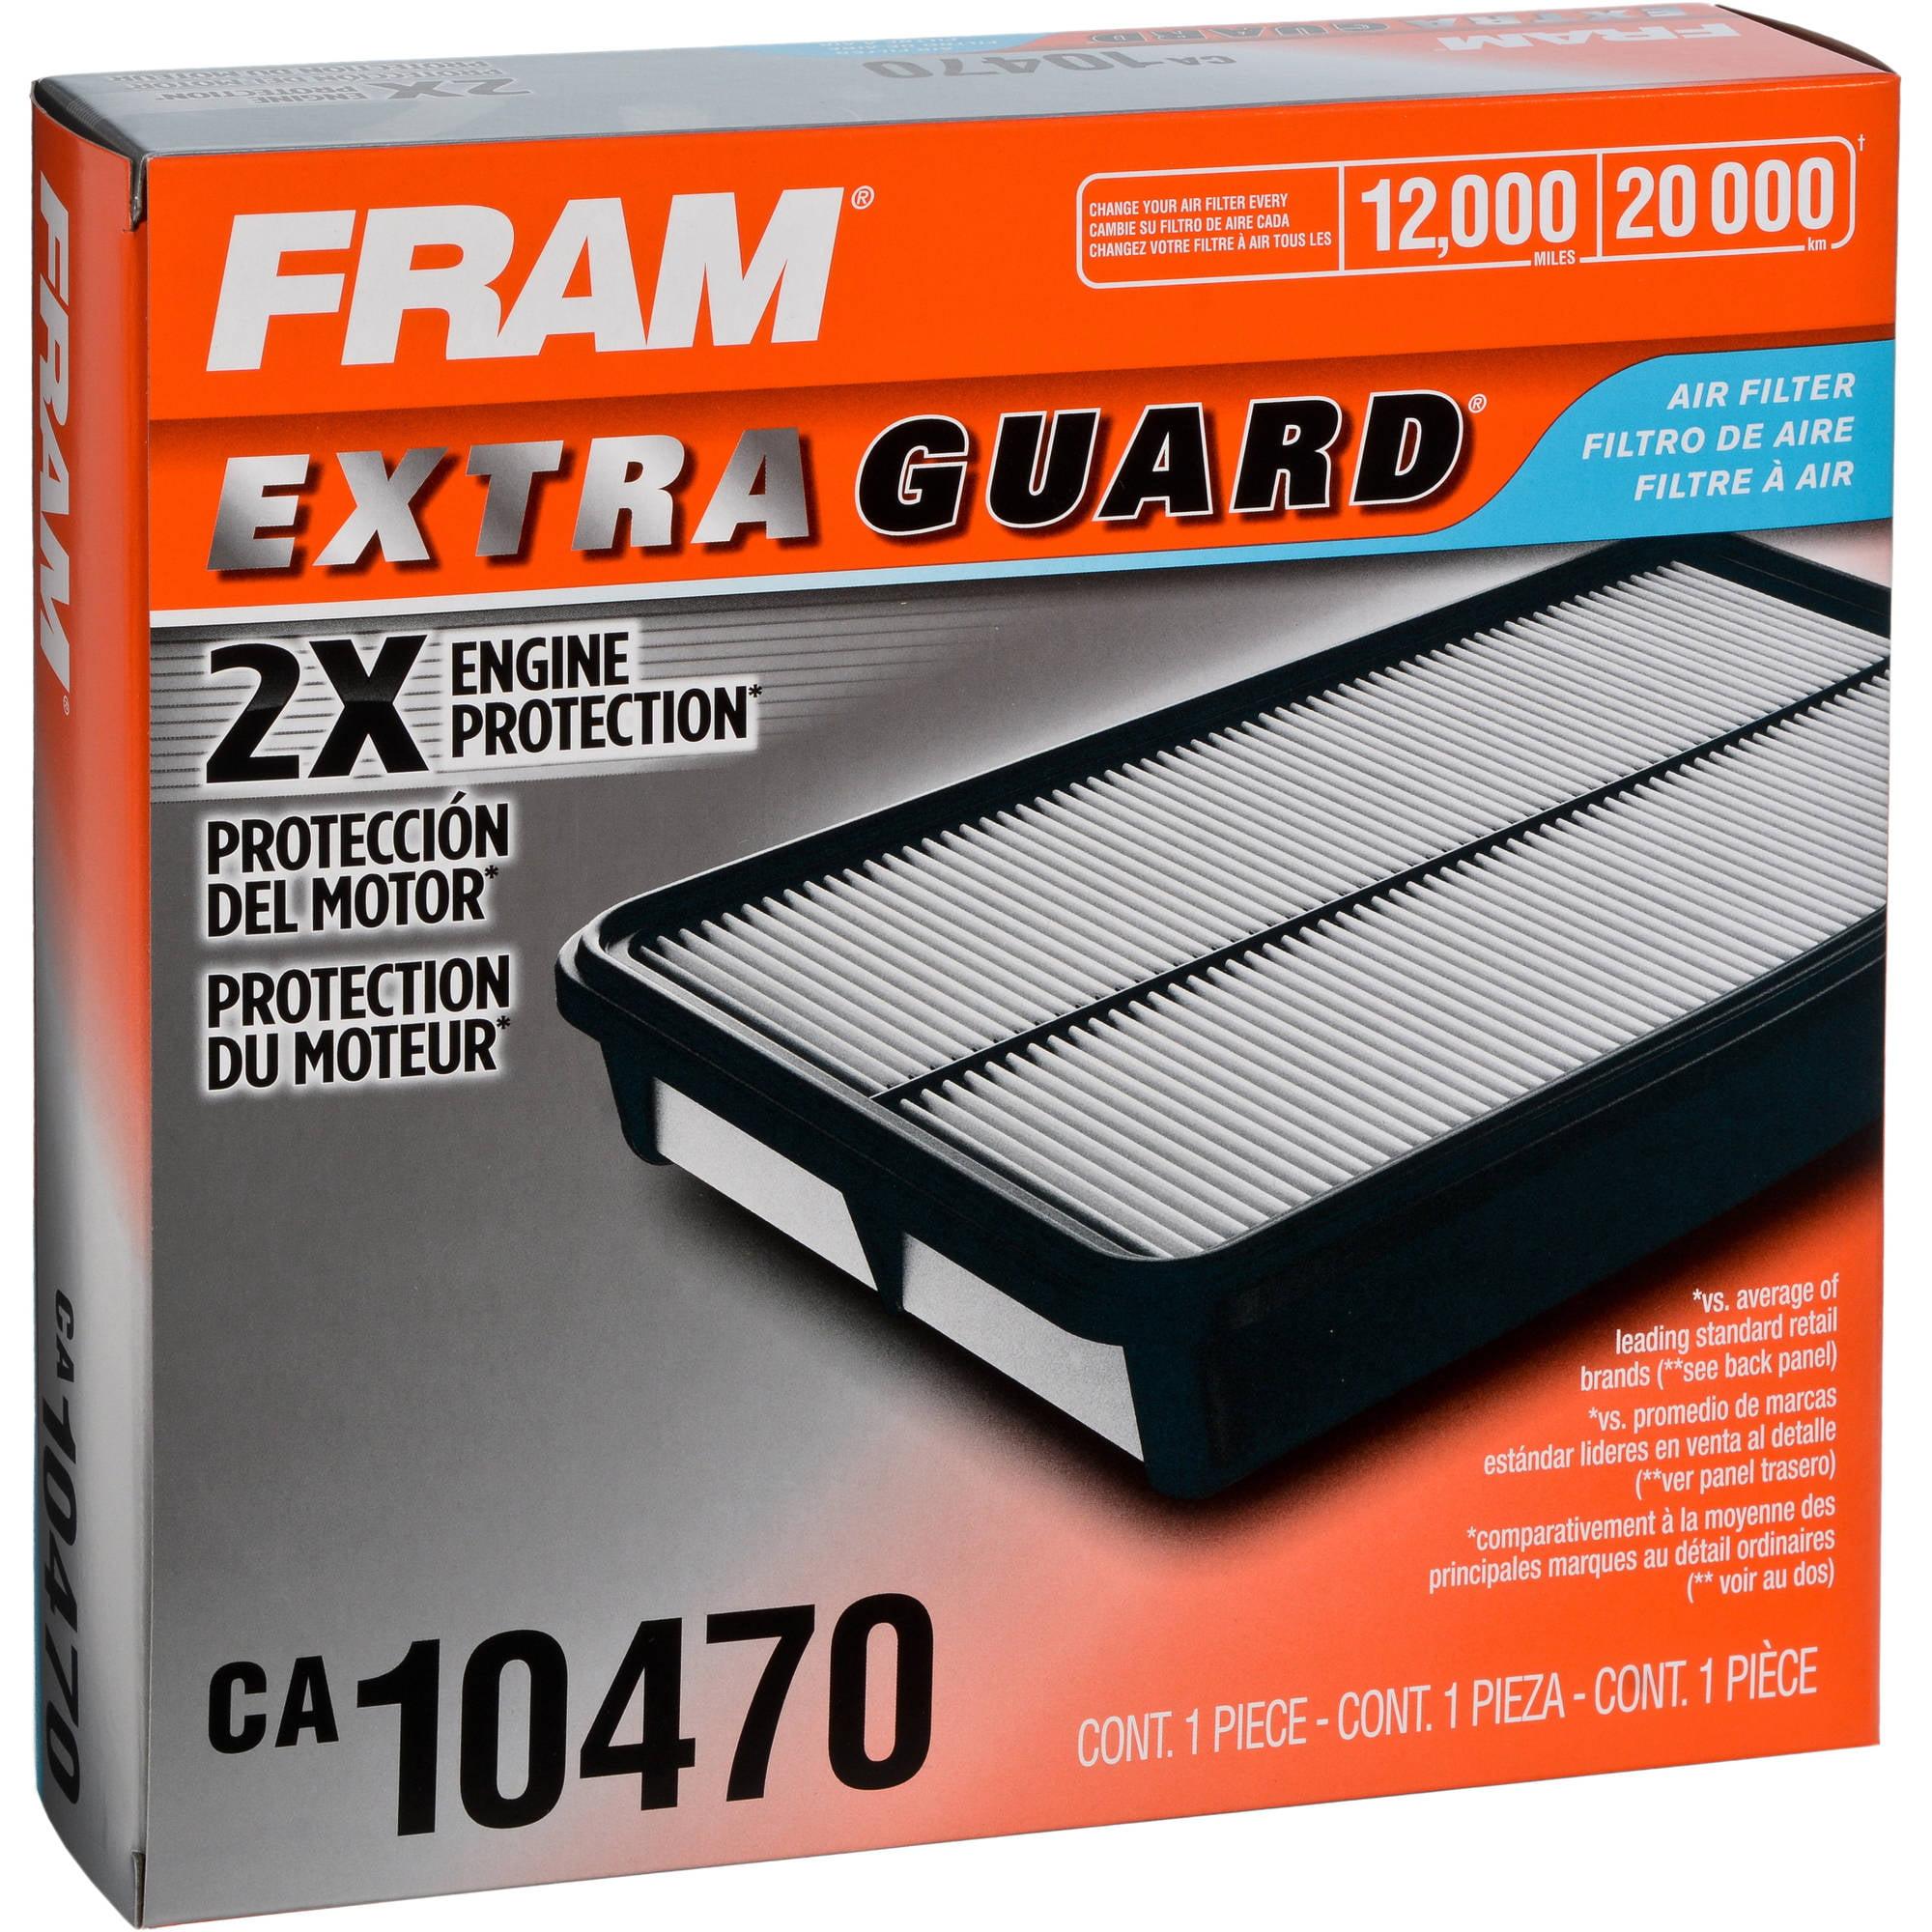 FRAM Extra Guard Air Filter, CA10470